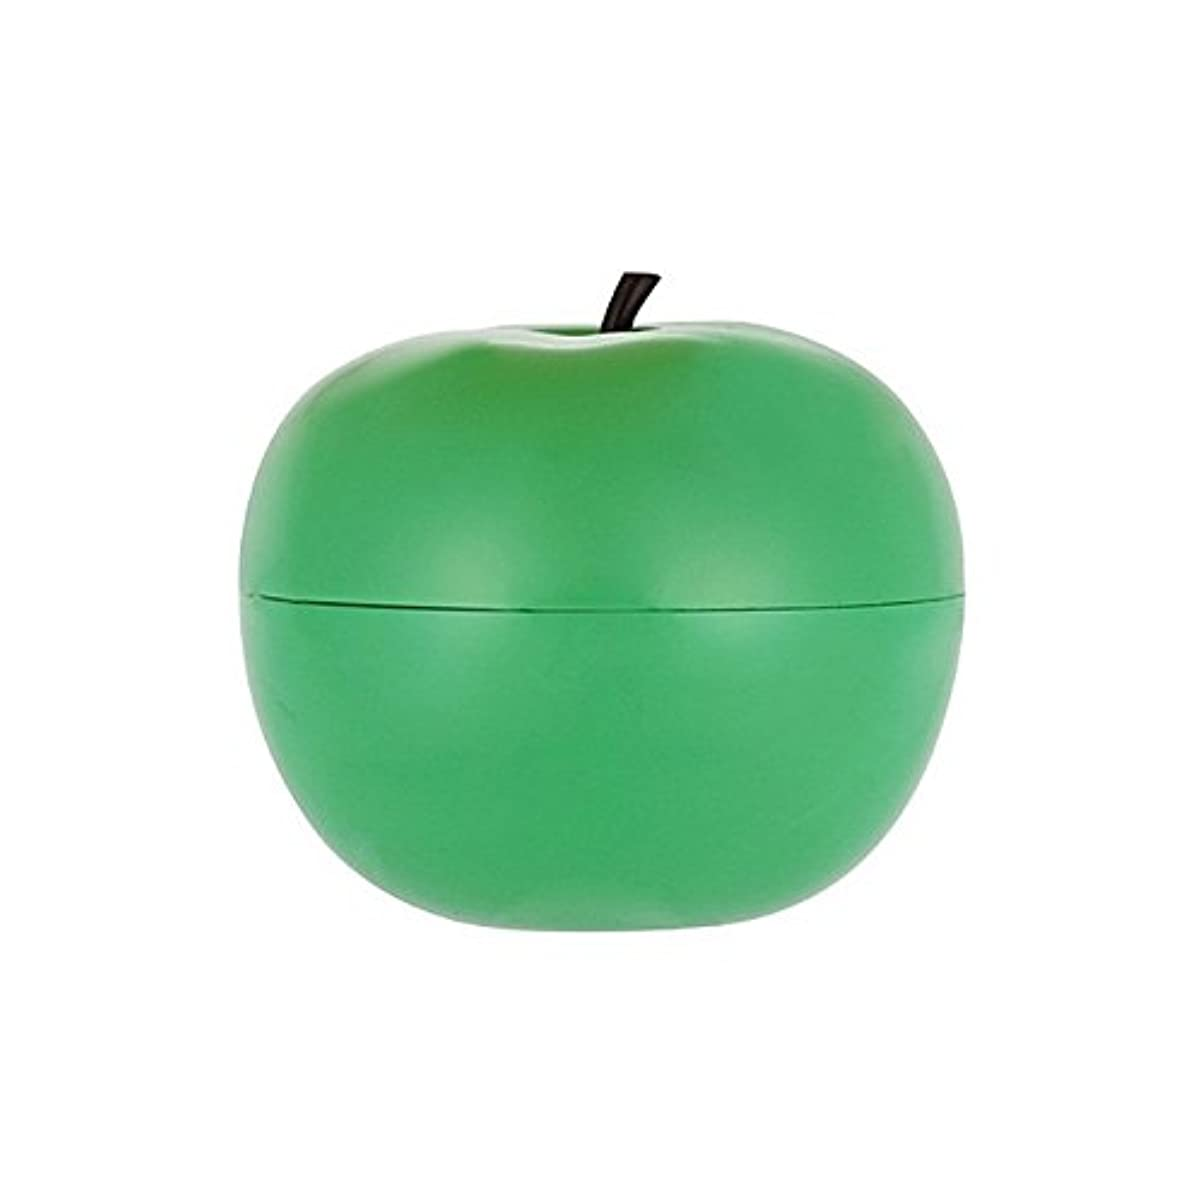 レギュラー失われた添加剤トニーモリースムーズマッサージピーリングクリーム80グラム x4 - Tony Moly Appletox Smooth Massage Peeling Cream 80G (Pack of 4) [並行輸入品]